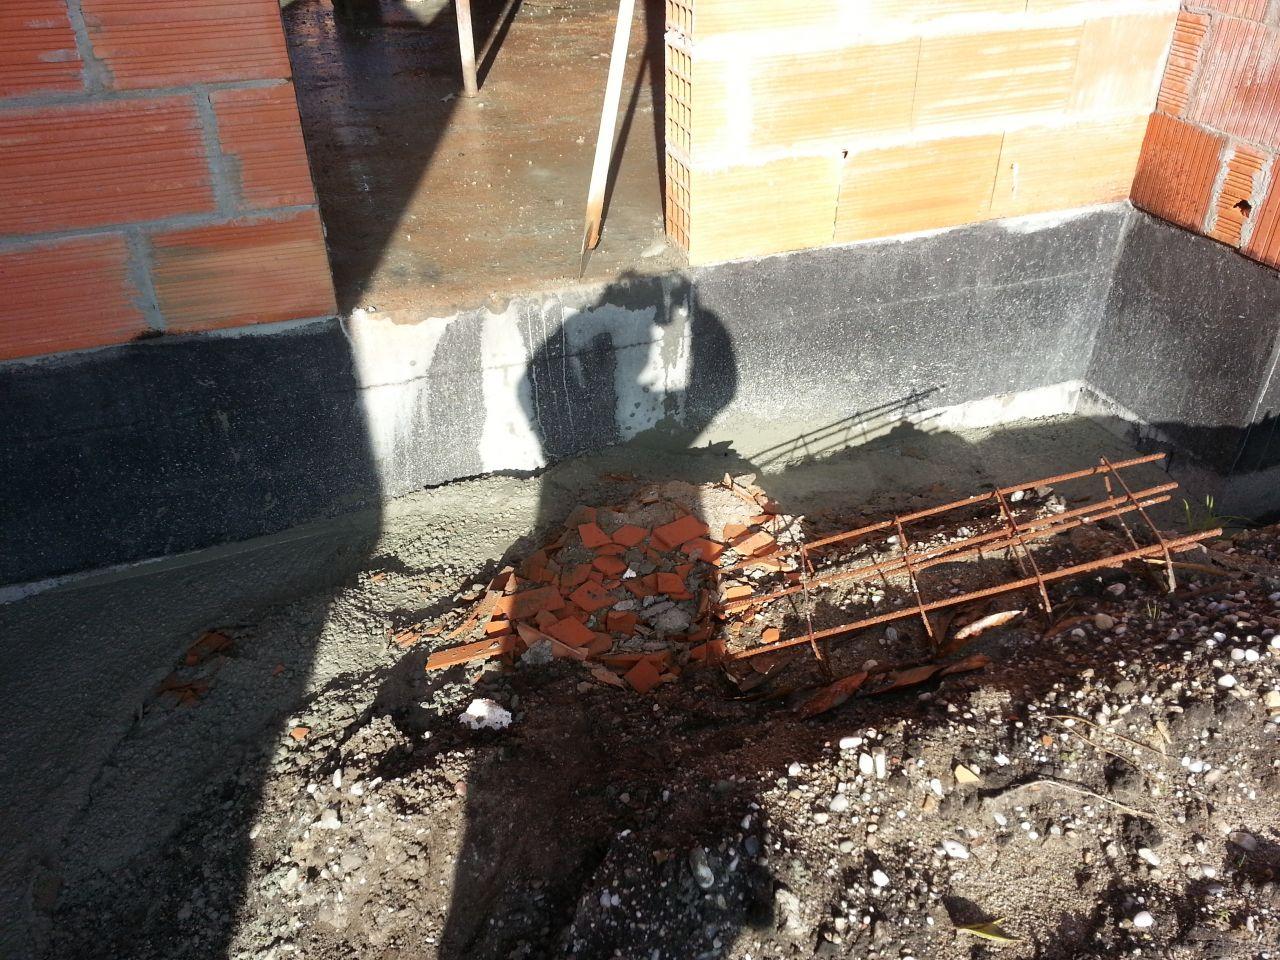 Vidage du fond de toupie dans les fouilles ... ouille ouille ouille